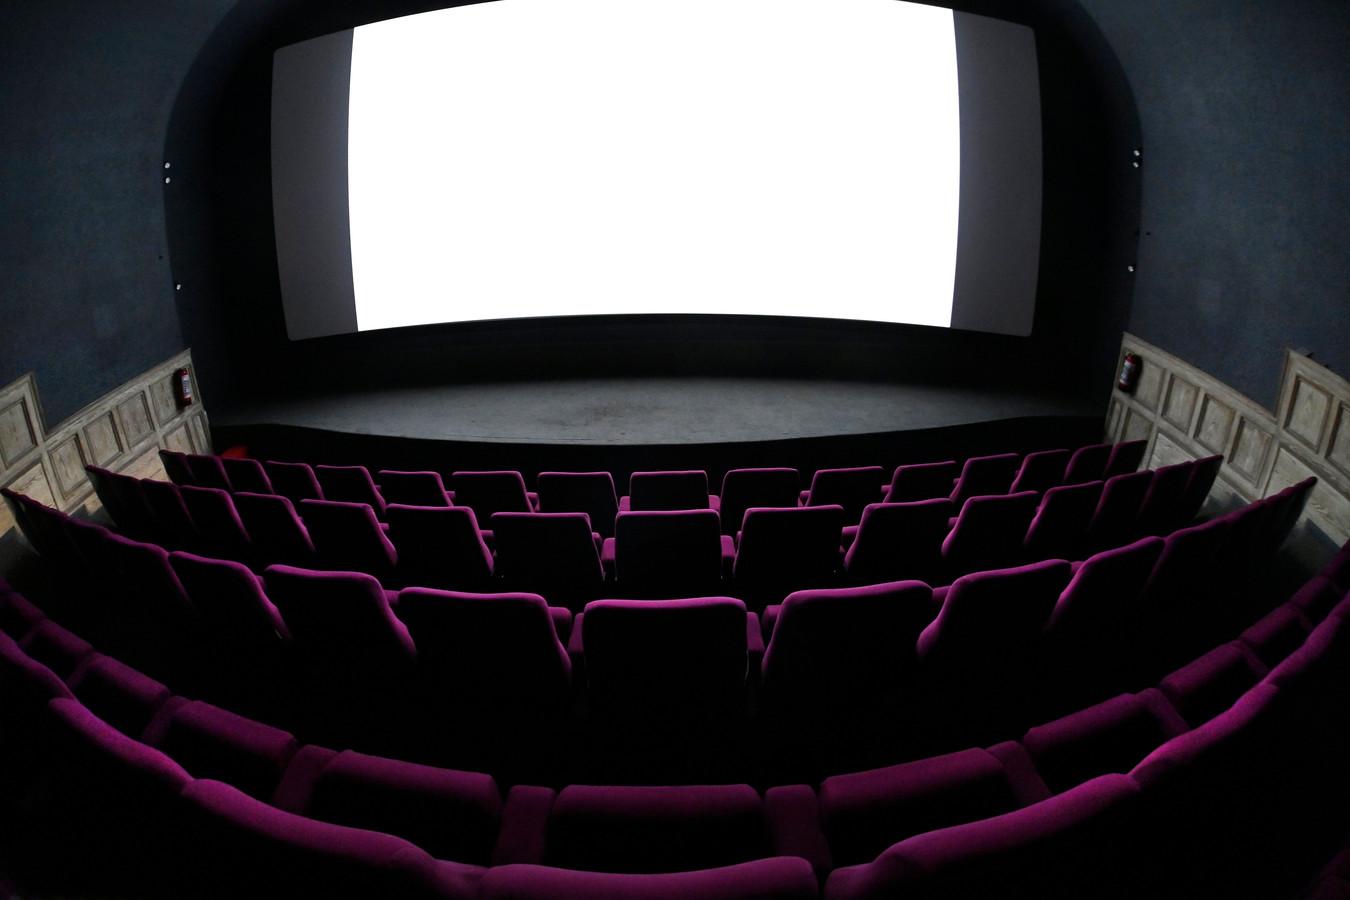 Le cinéma Galeries à Bruxelles fait partie des quelque 80 lieux culturels qui ont annoncé qu'ils allaient braver l'interdiction d'ouvrir (photo).